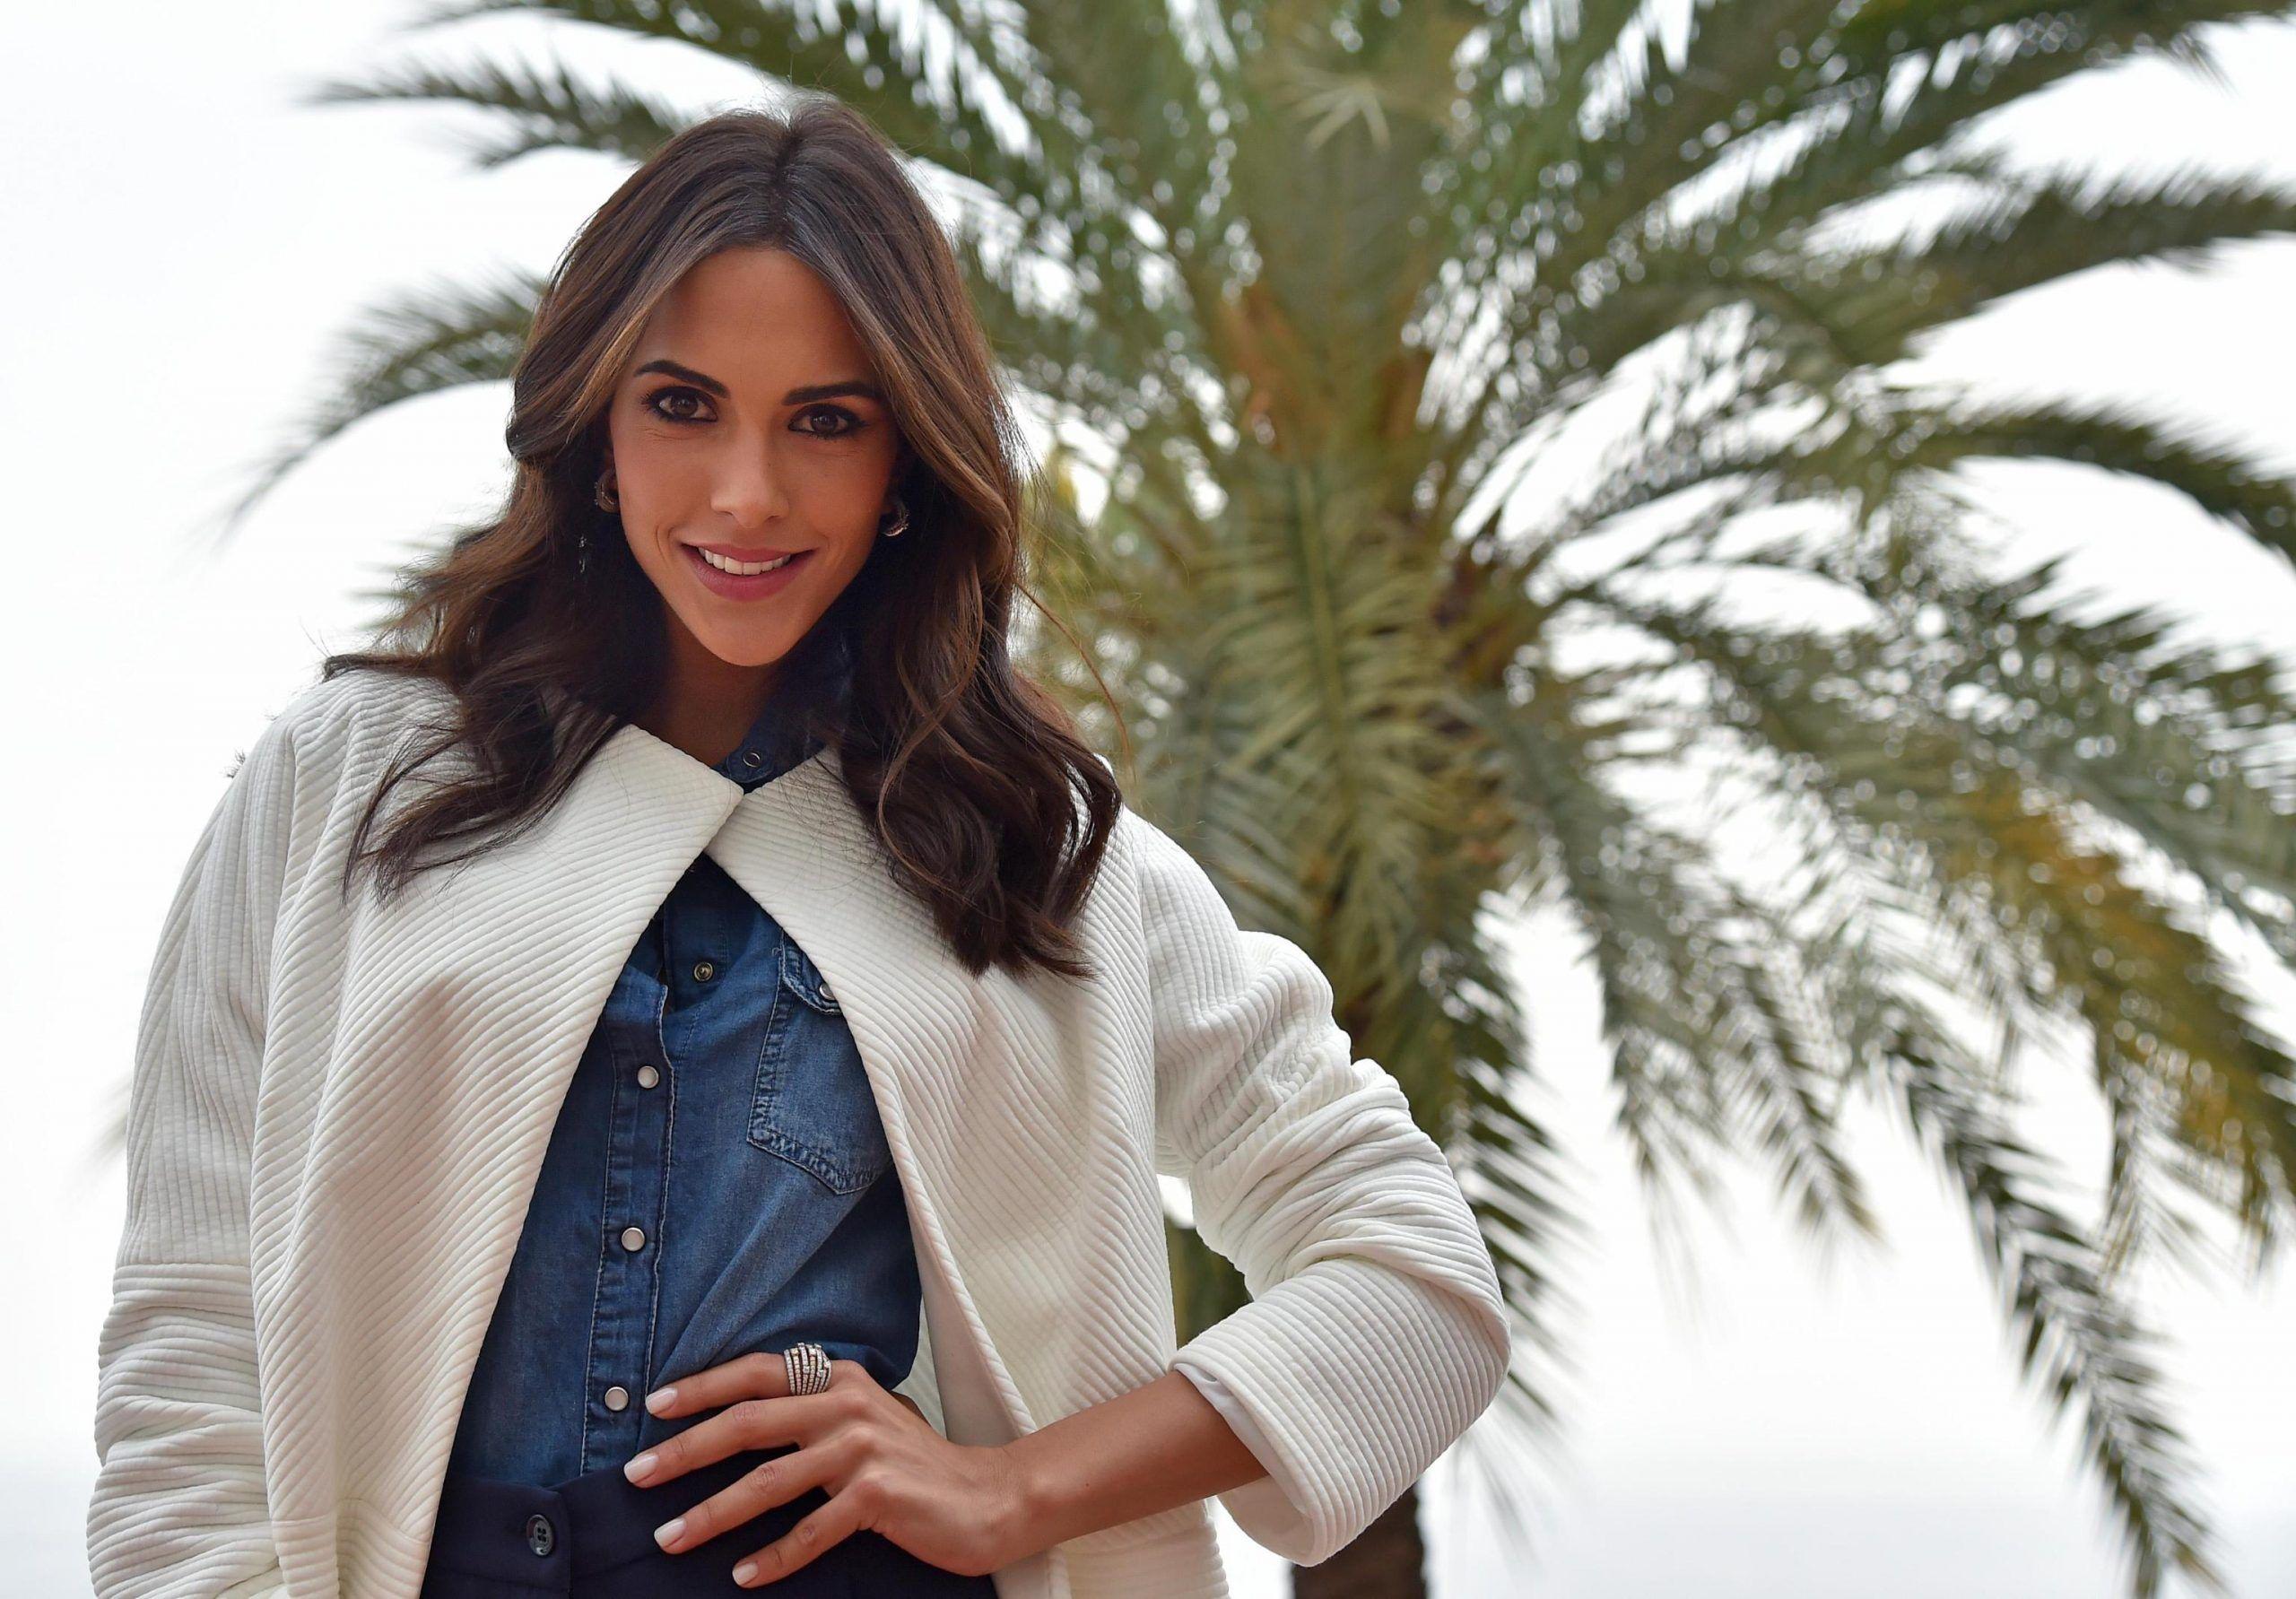 Rocío Morales conferma la gravidanza: 'Per ora non penso al matrimonio, solo al bambino'